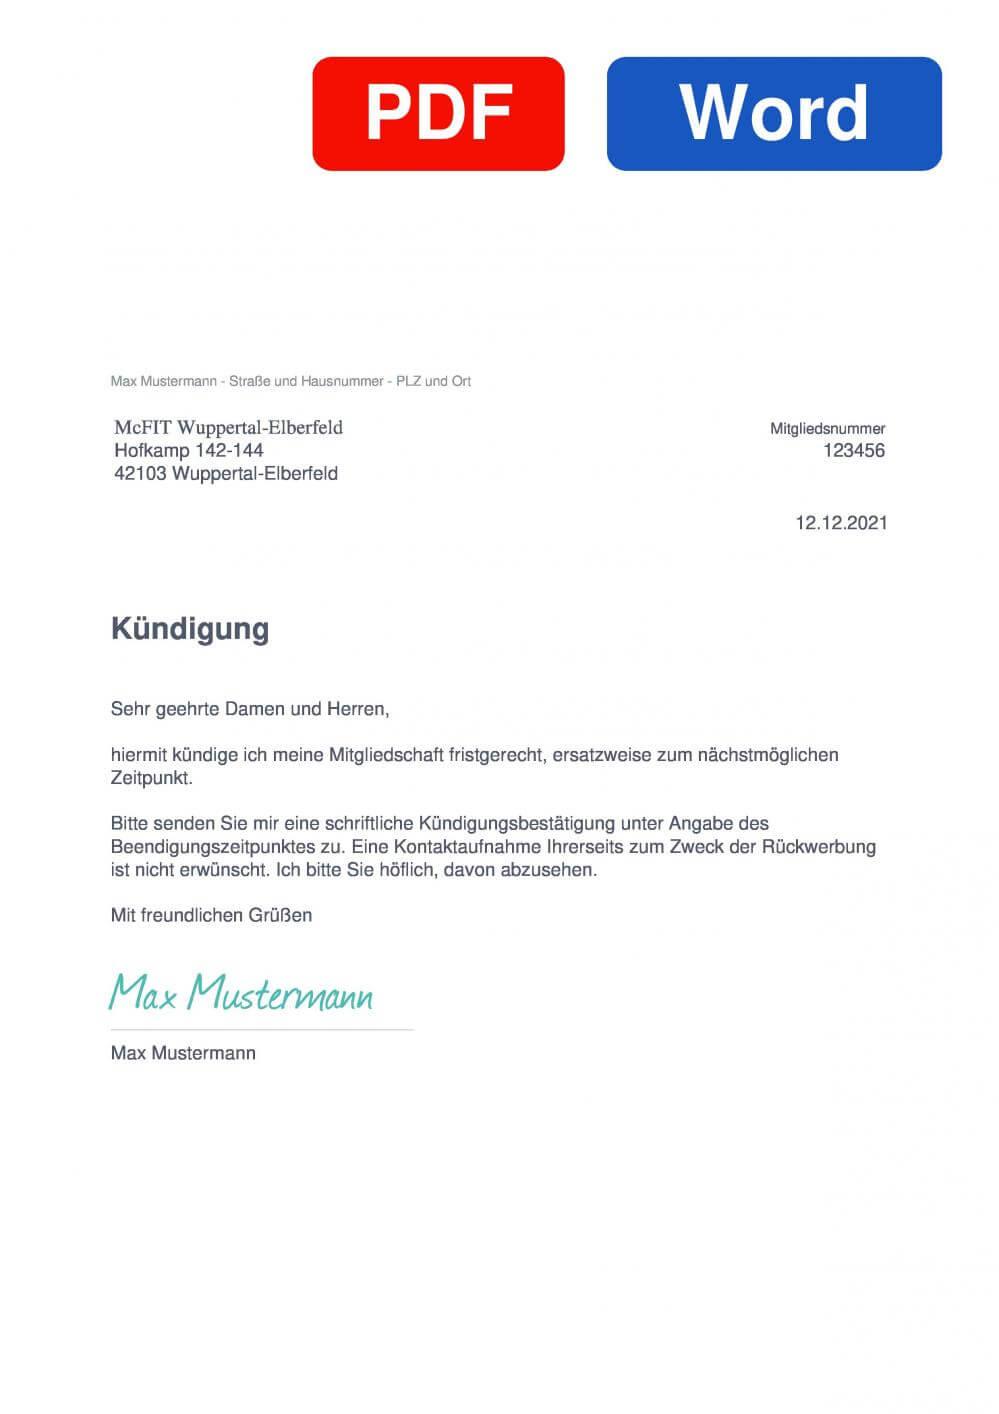 McFIT Wuppertal-Elberfeld Muster Vorlage für Kündigungsschreiben